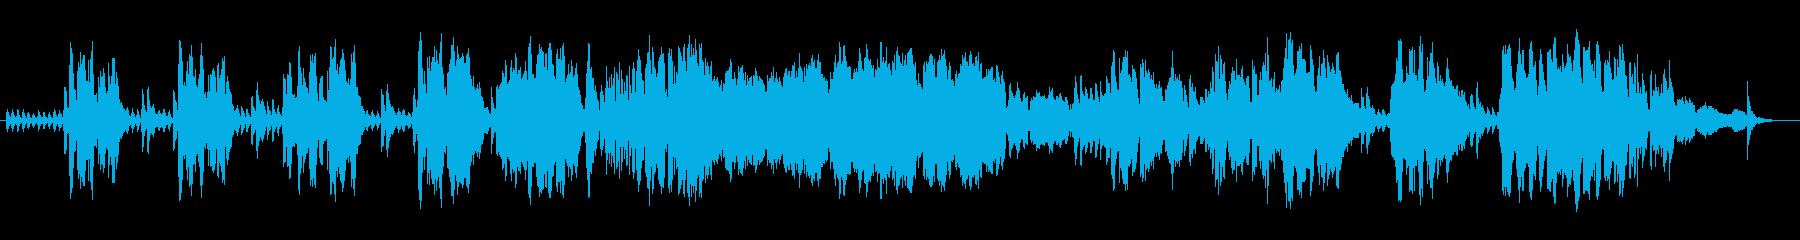 ゆったりクラシカルなバイオリンサウンドの再生済みの波形